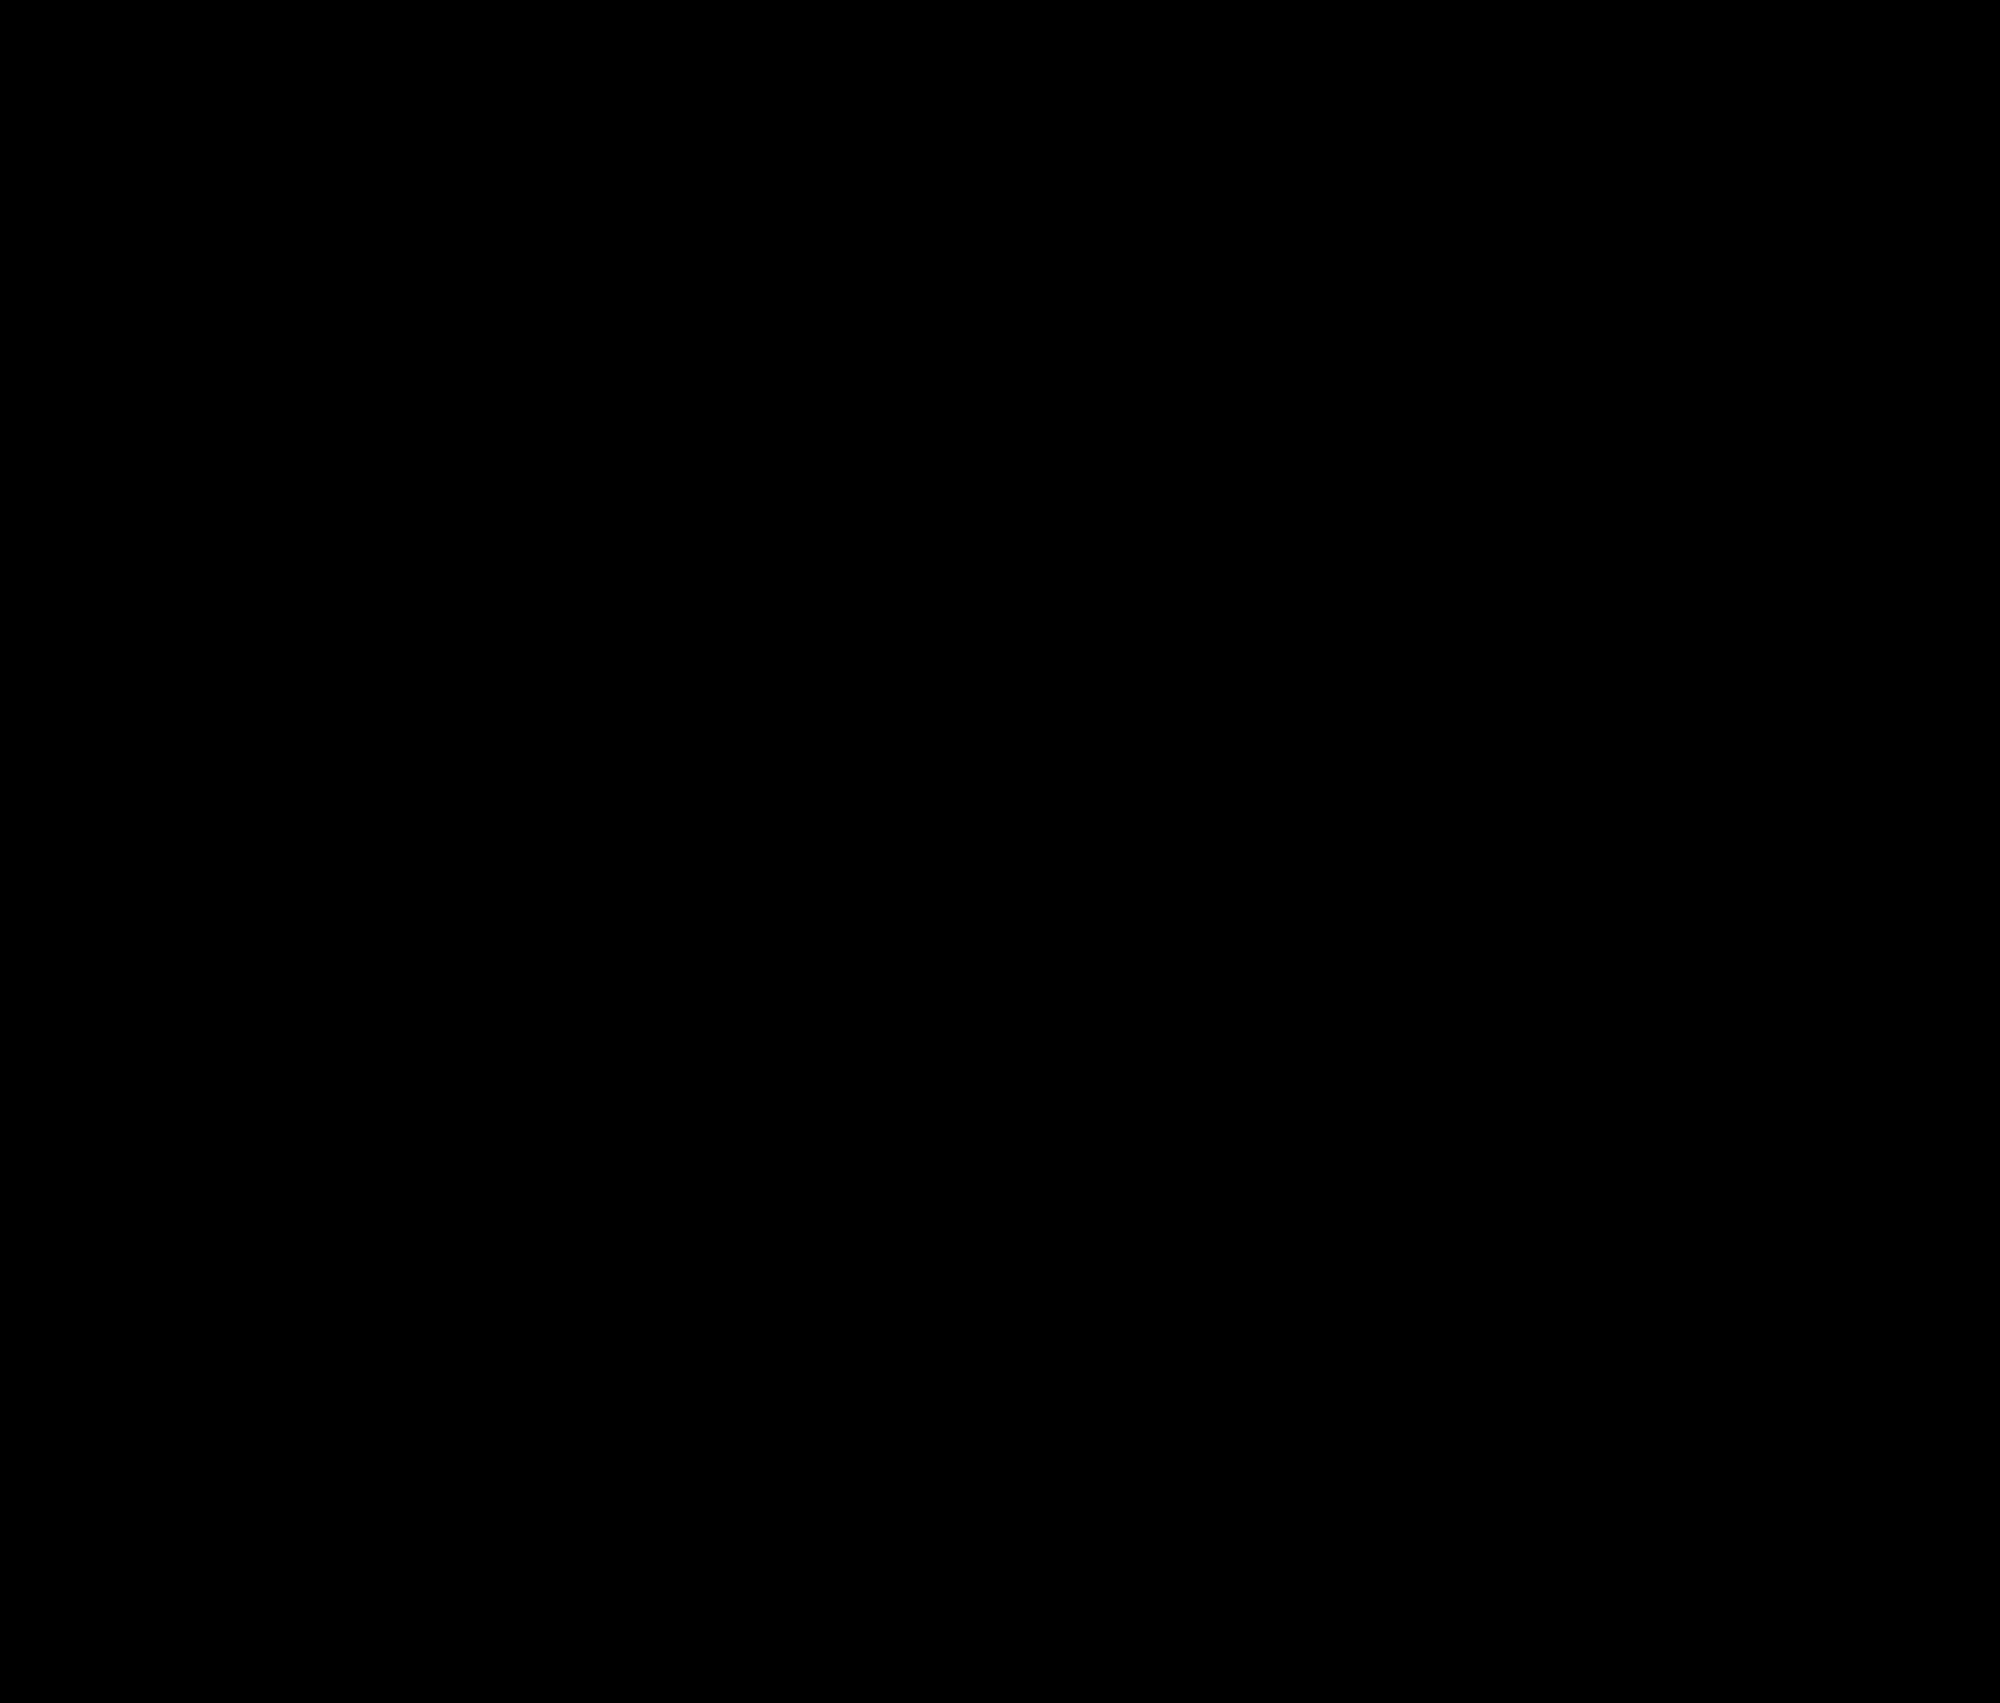 C  I  L -logo-black copy.png